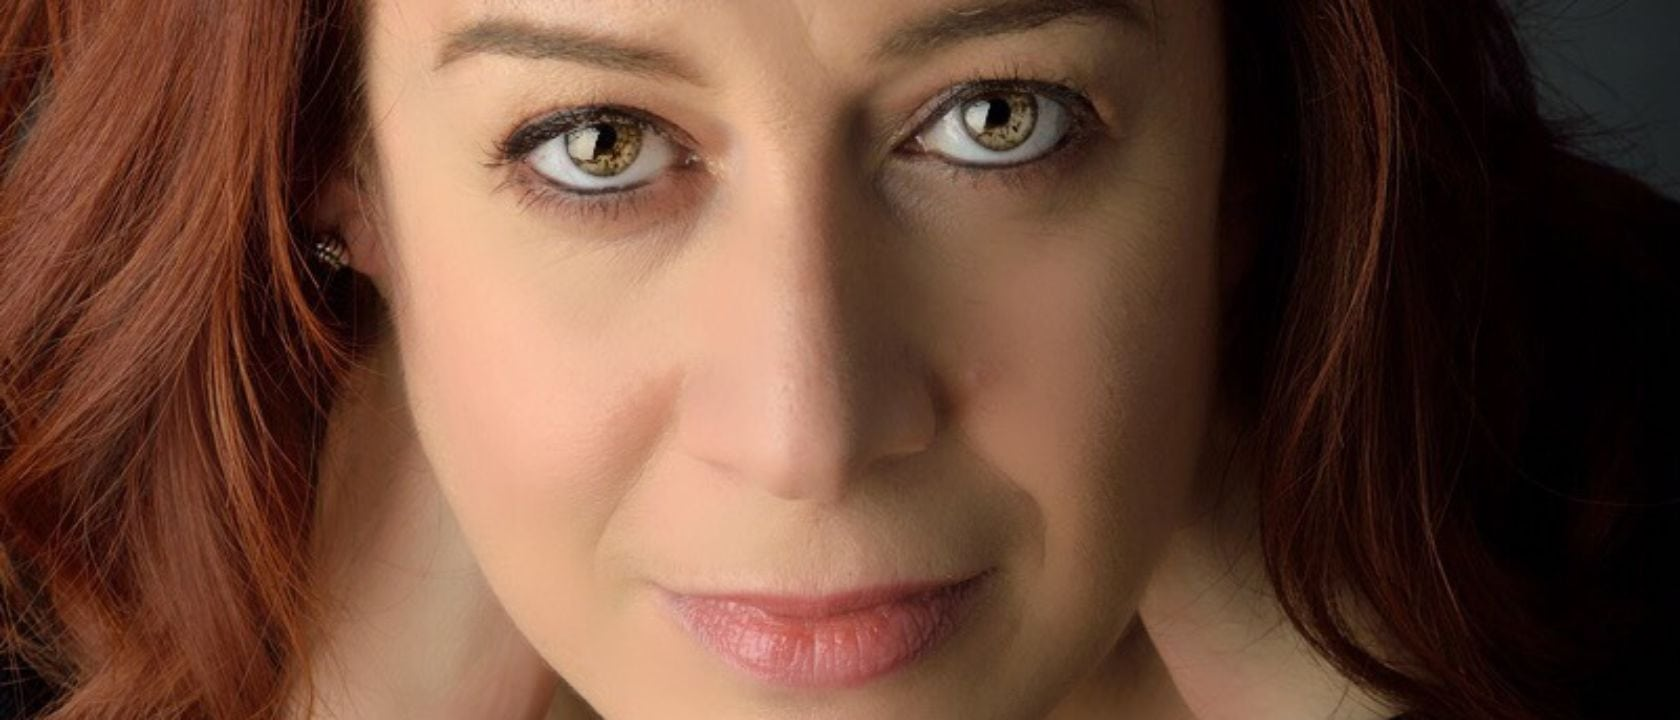 mezzo-soprano Anna Maria Chiuri